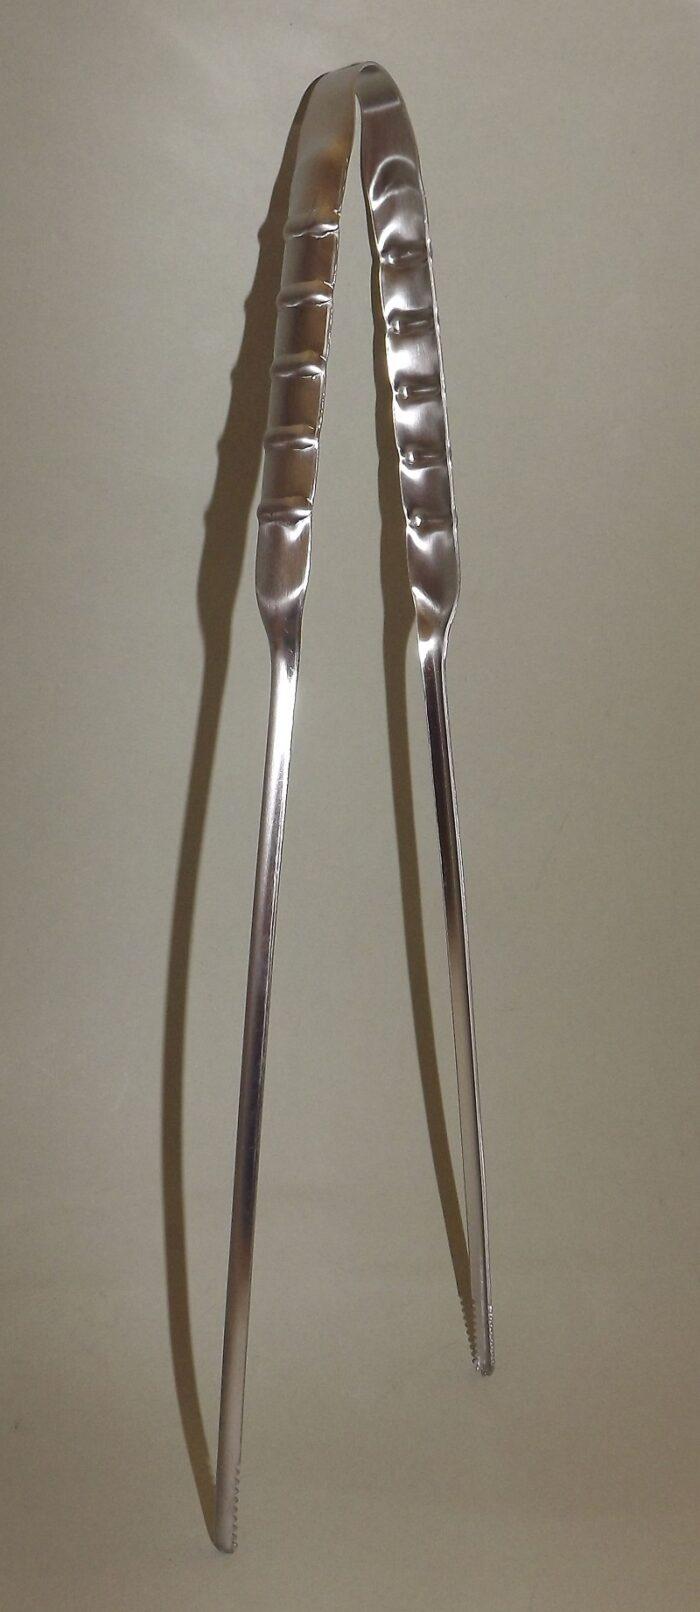 Küchen-/Kochstäbchen-Zange 30cm 1